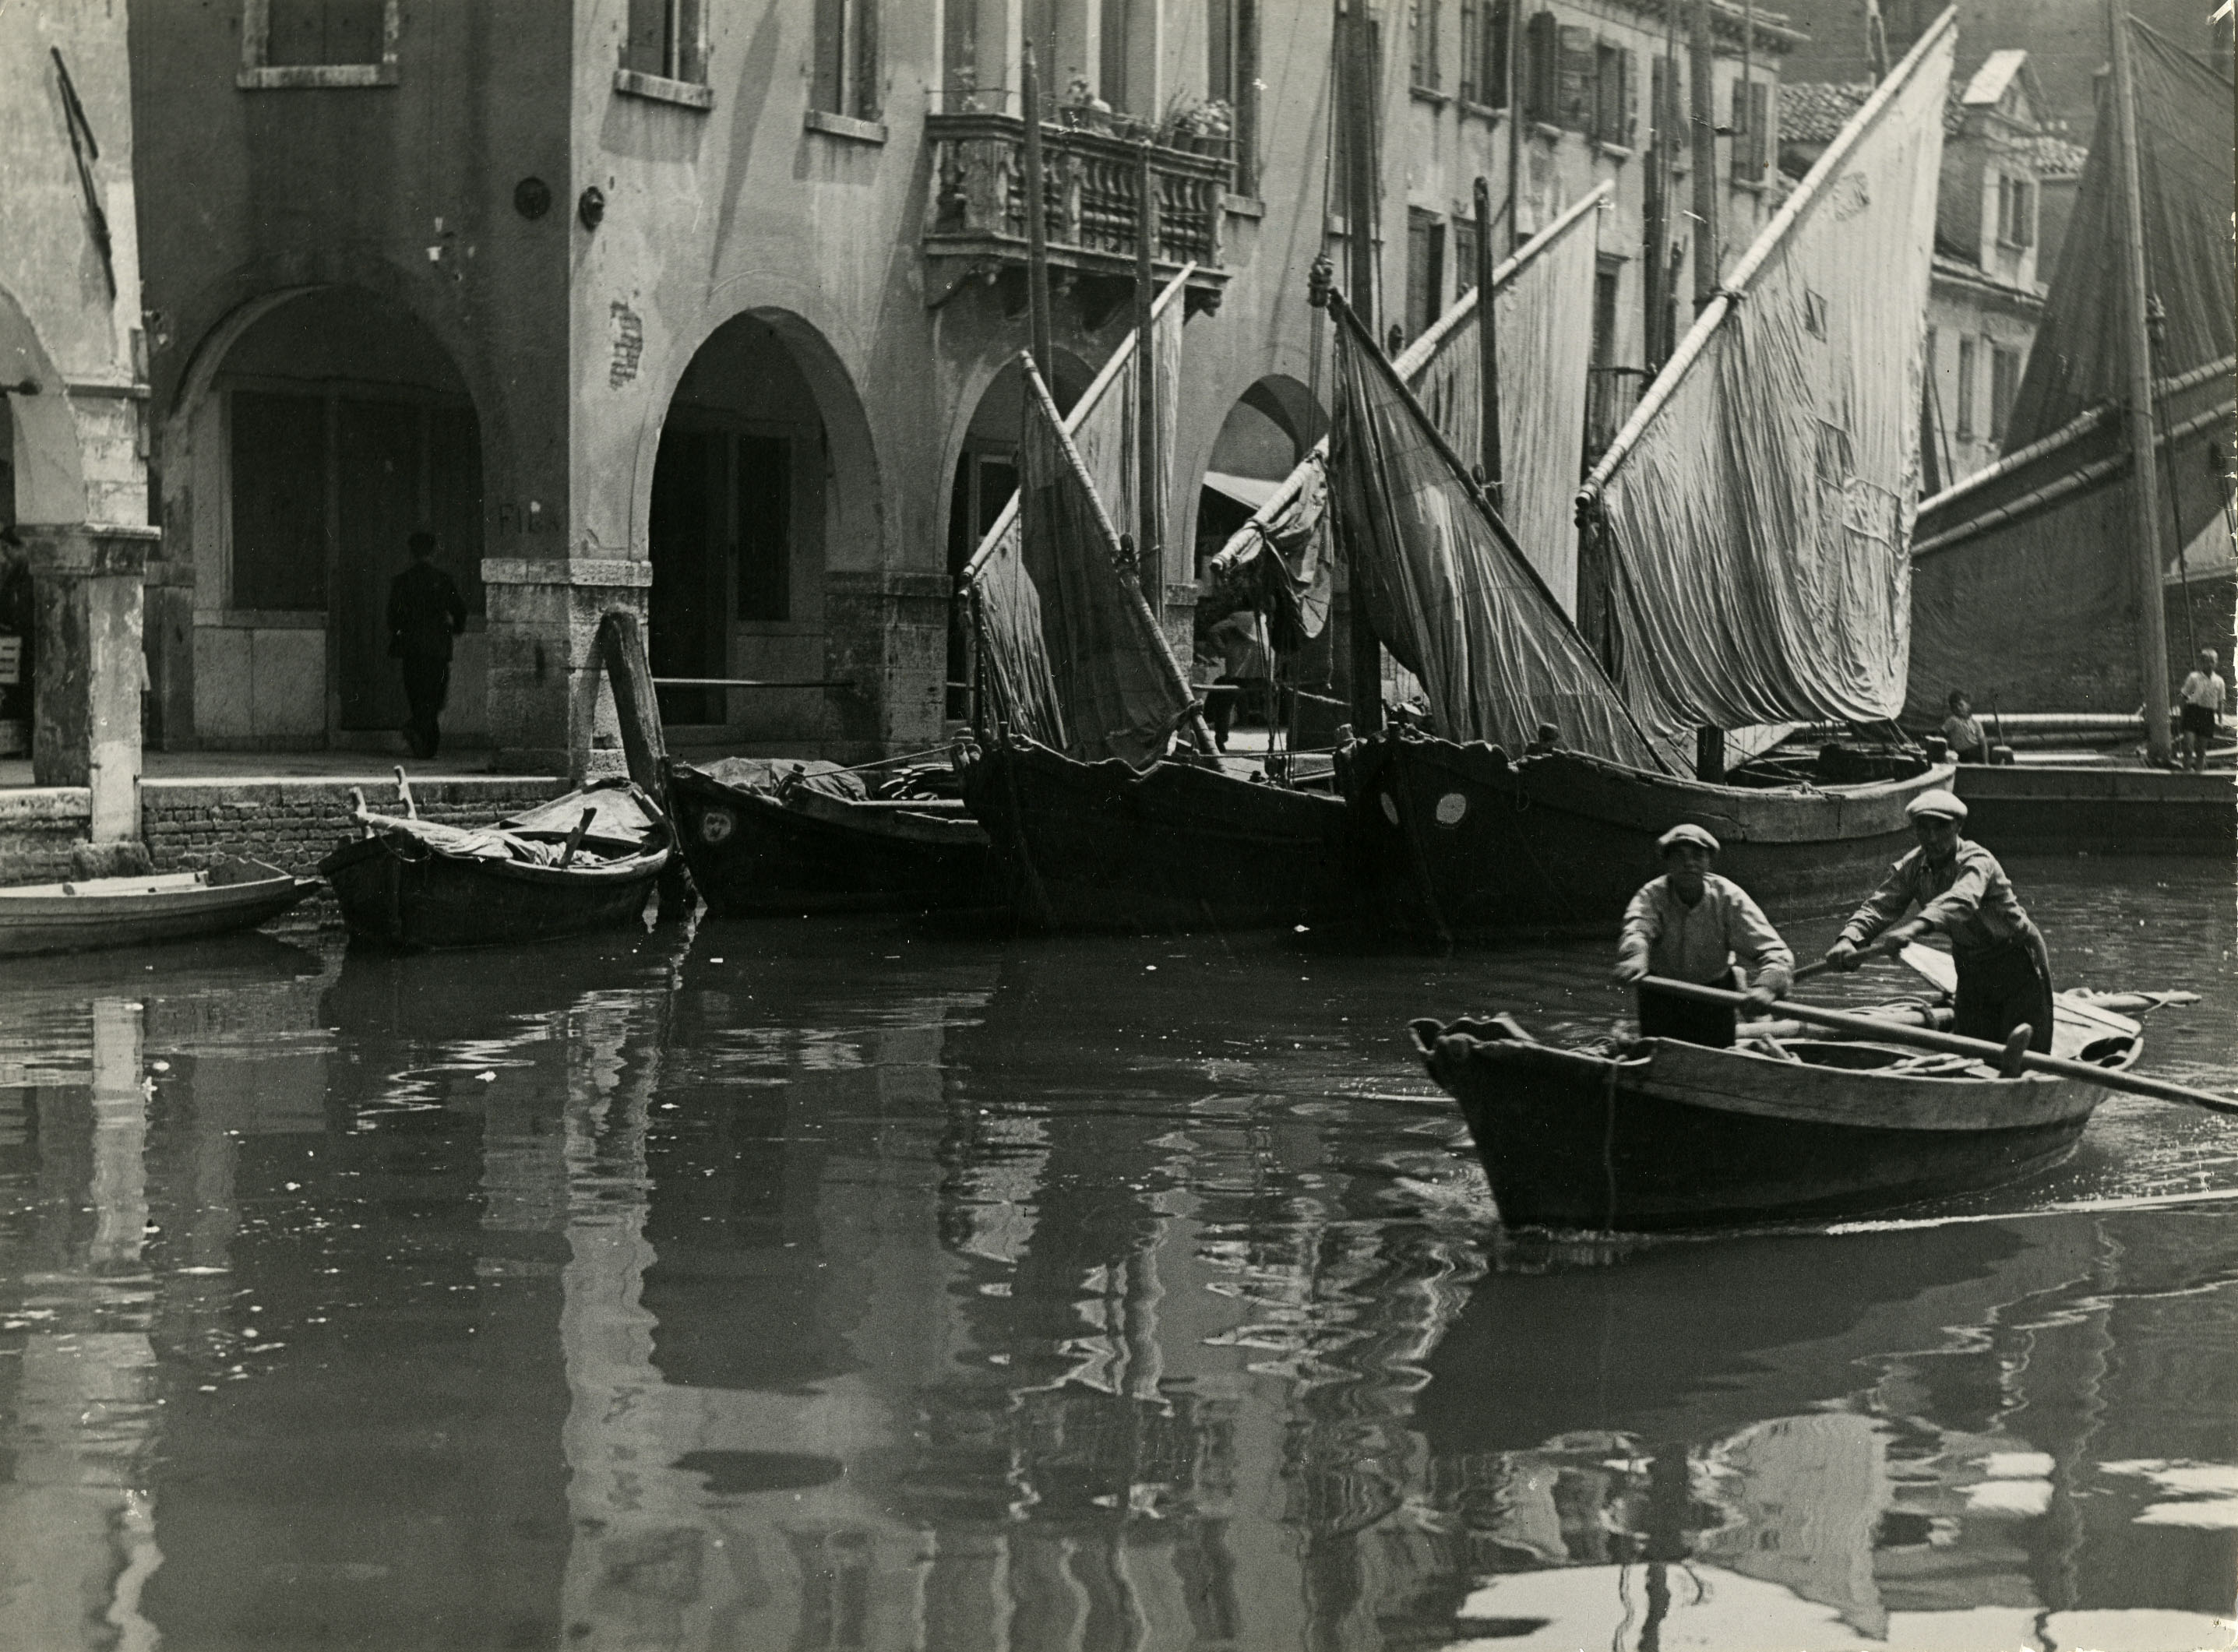 Fotó: Haller F.G.: Vitorlások a chioggiai kikötőben, 1938 k. © Magyar Fotográfiai Múzeum